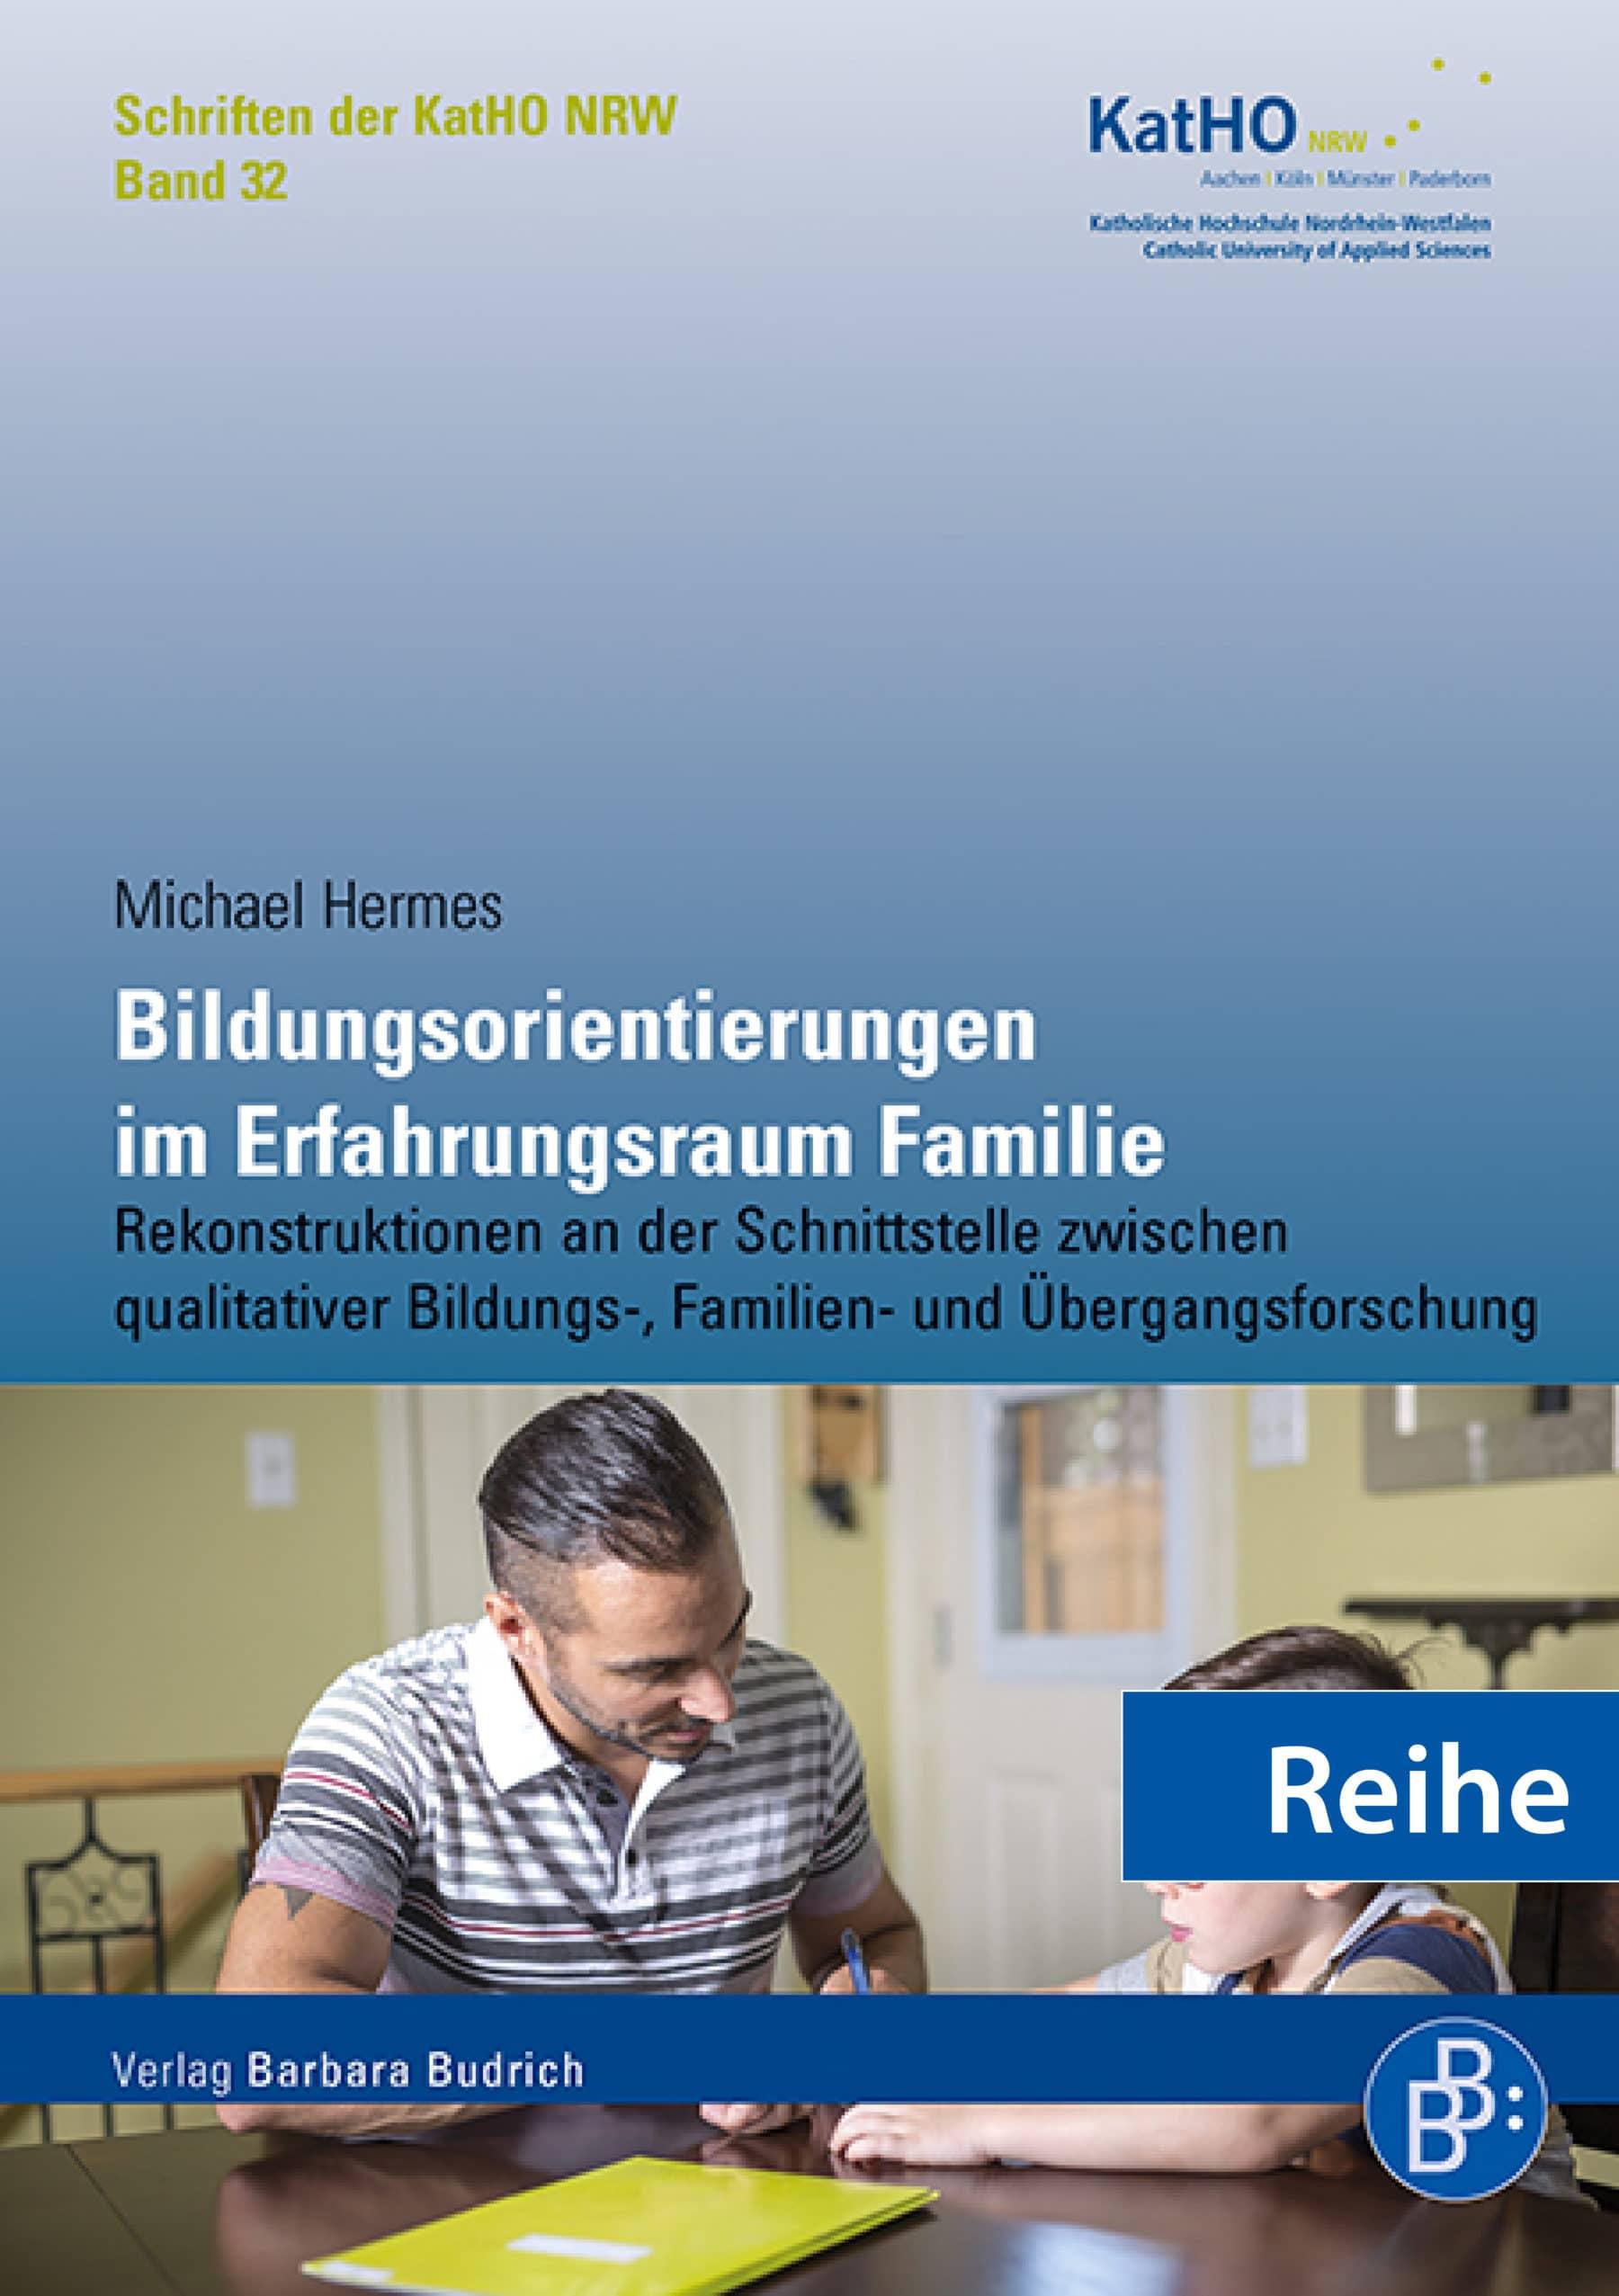 Reihe - Schriften der KatHO NRW (vormals Schriften der KFH NW)